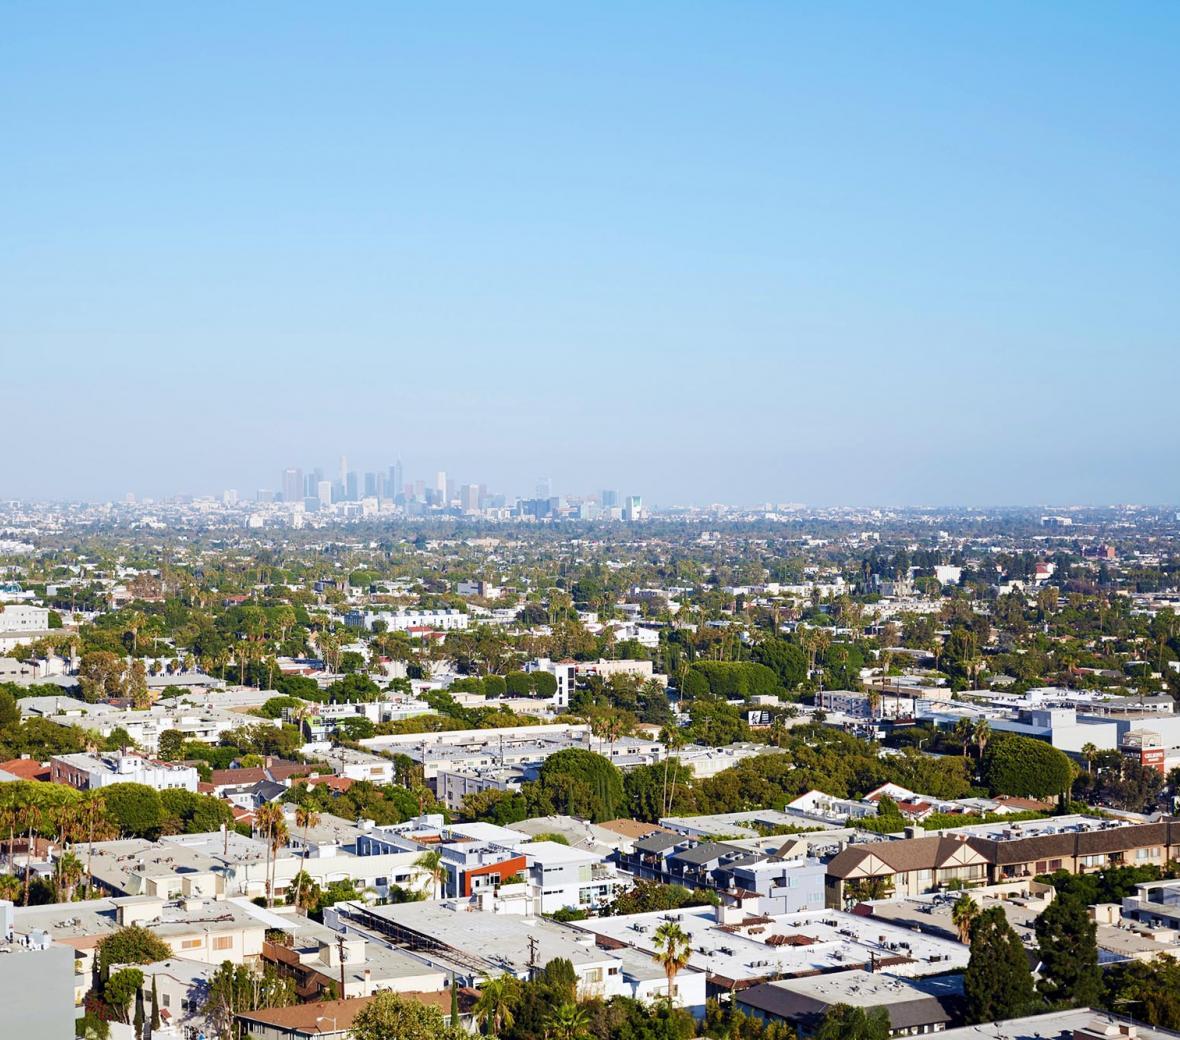 The West Hollywood skyline